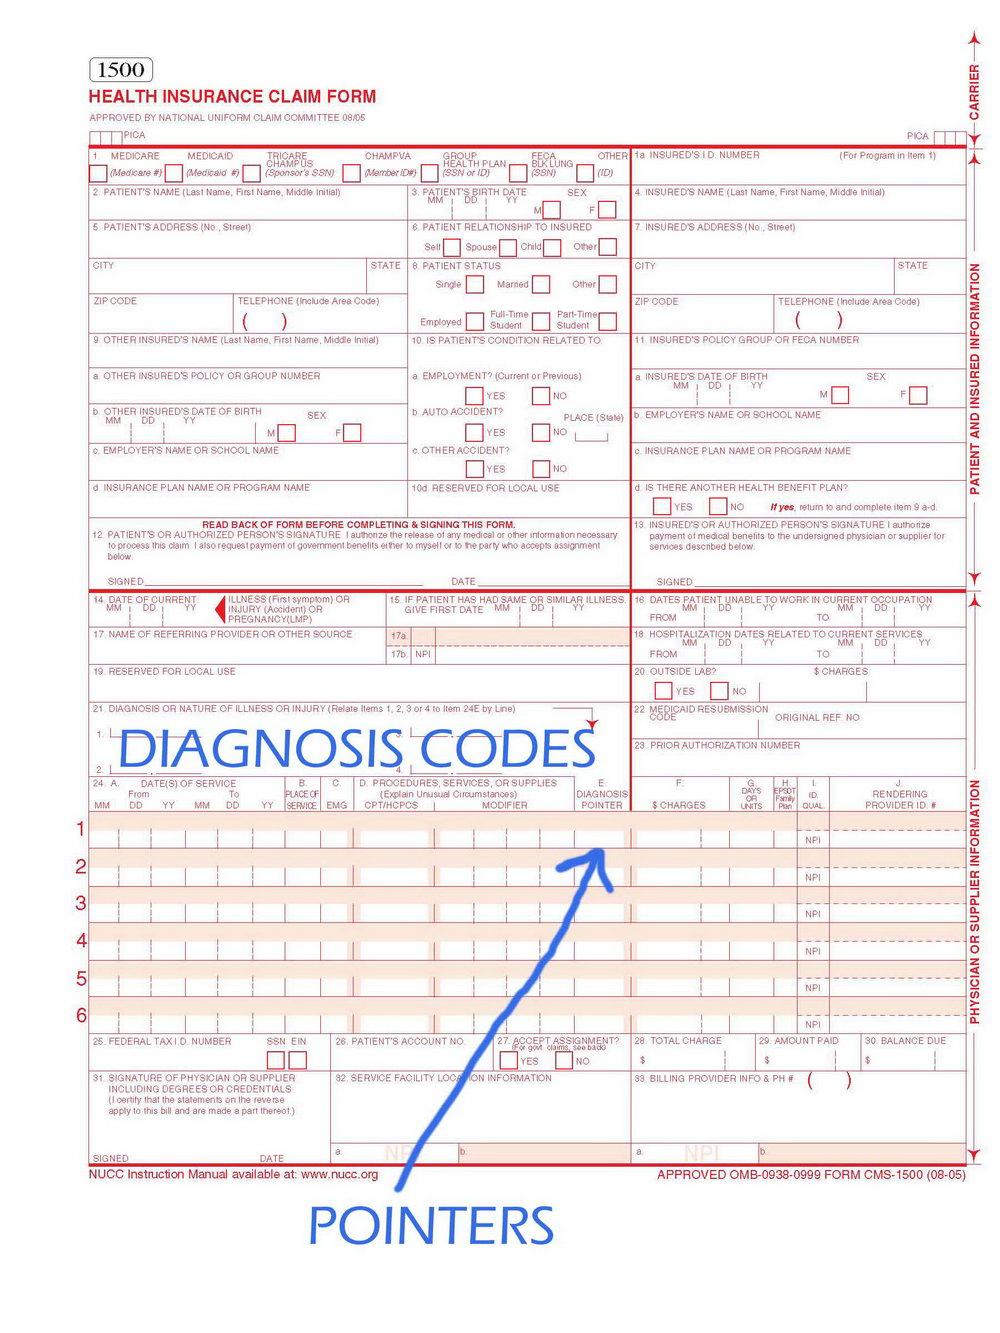 Sample Hcfa 1500 Claim Form